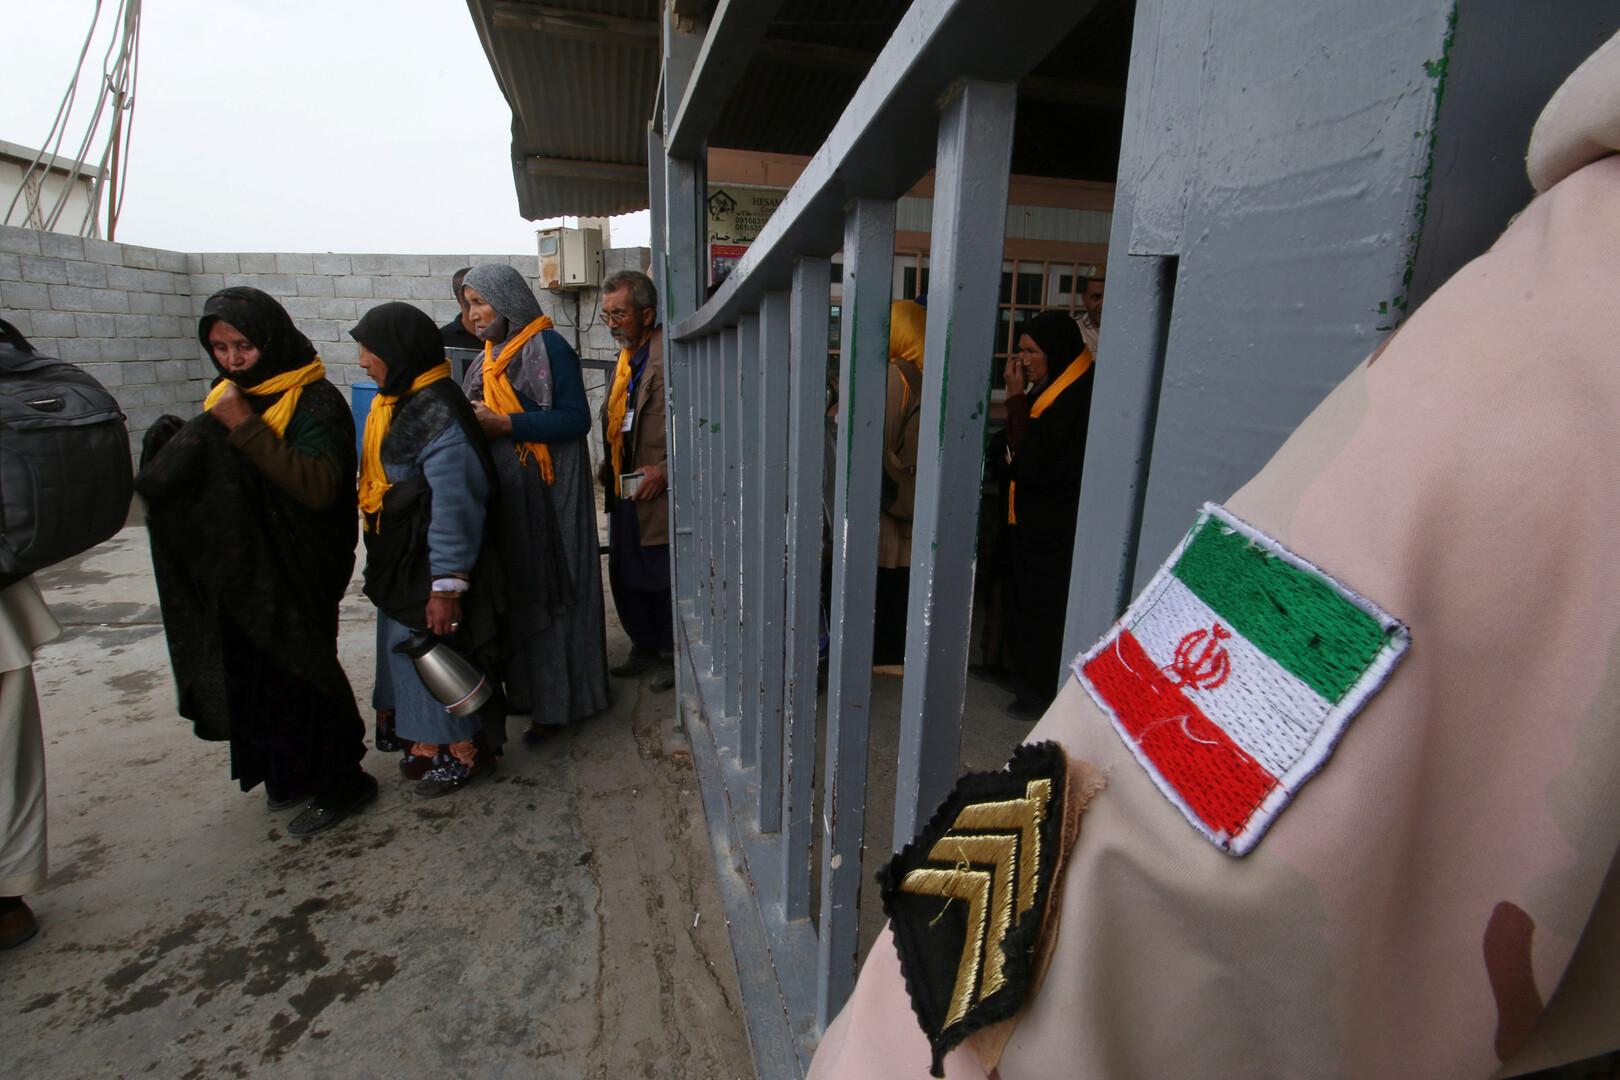 إيران تغلق معبرين حدوديين مع العراق بسبب الأوضاع الأمنية